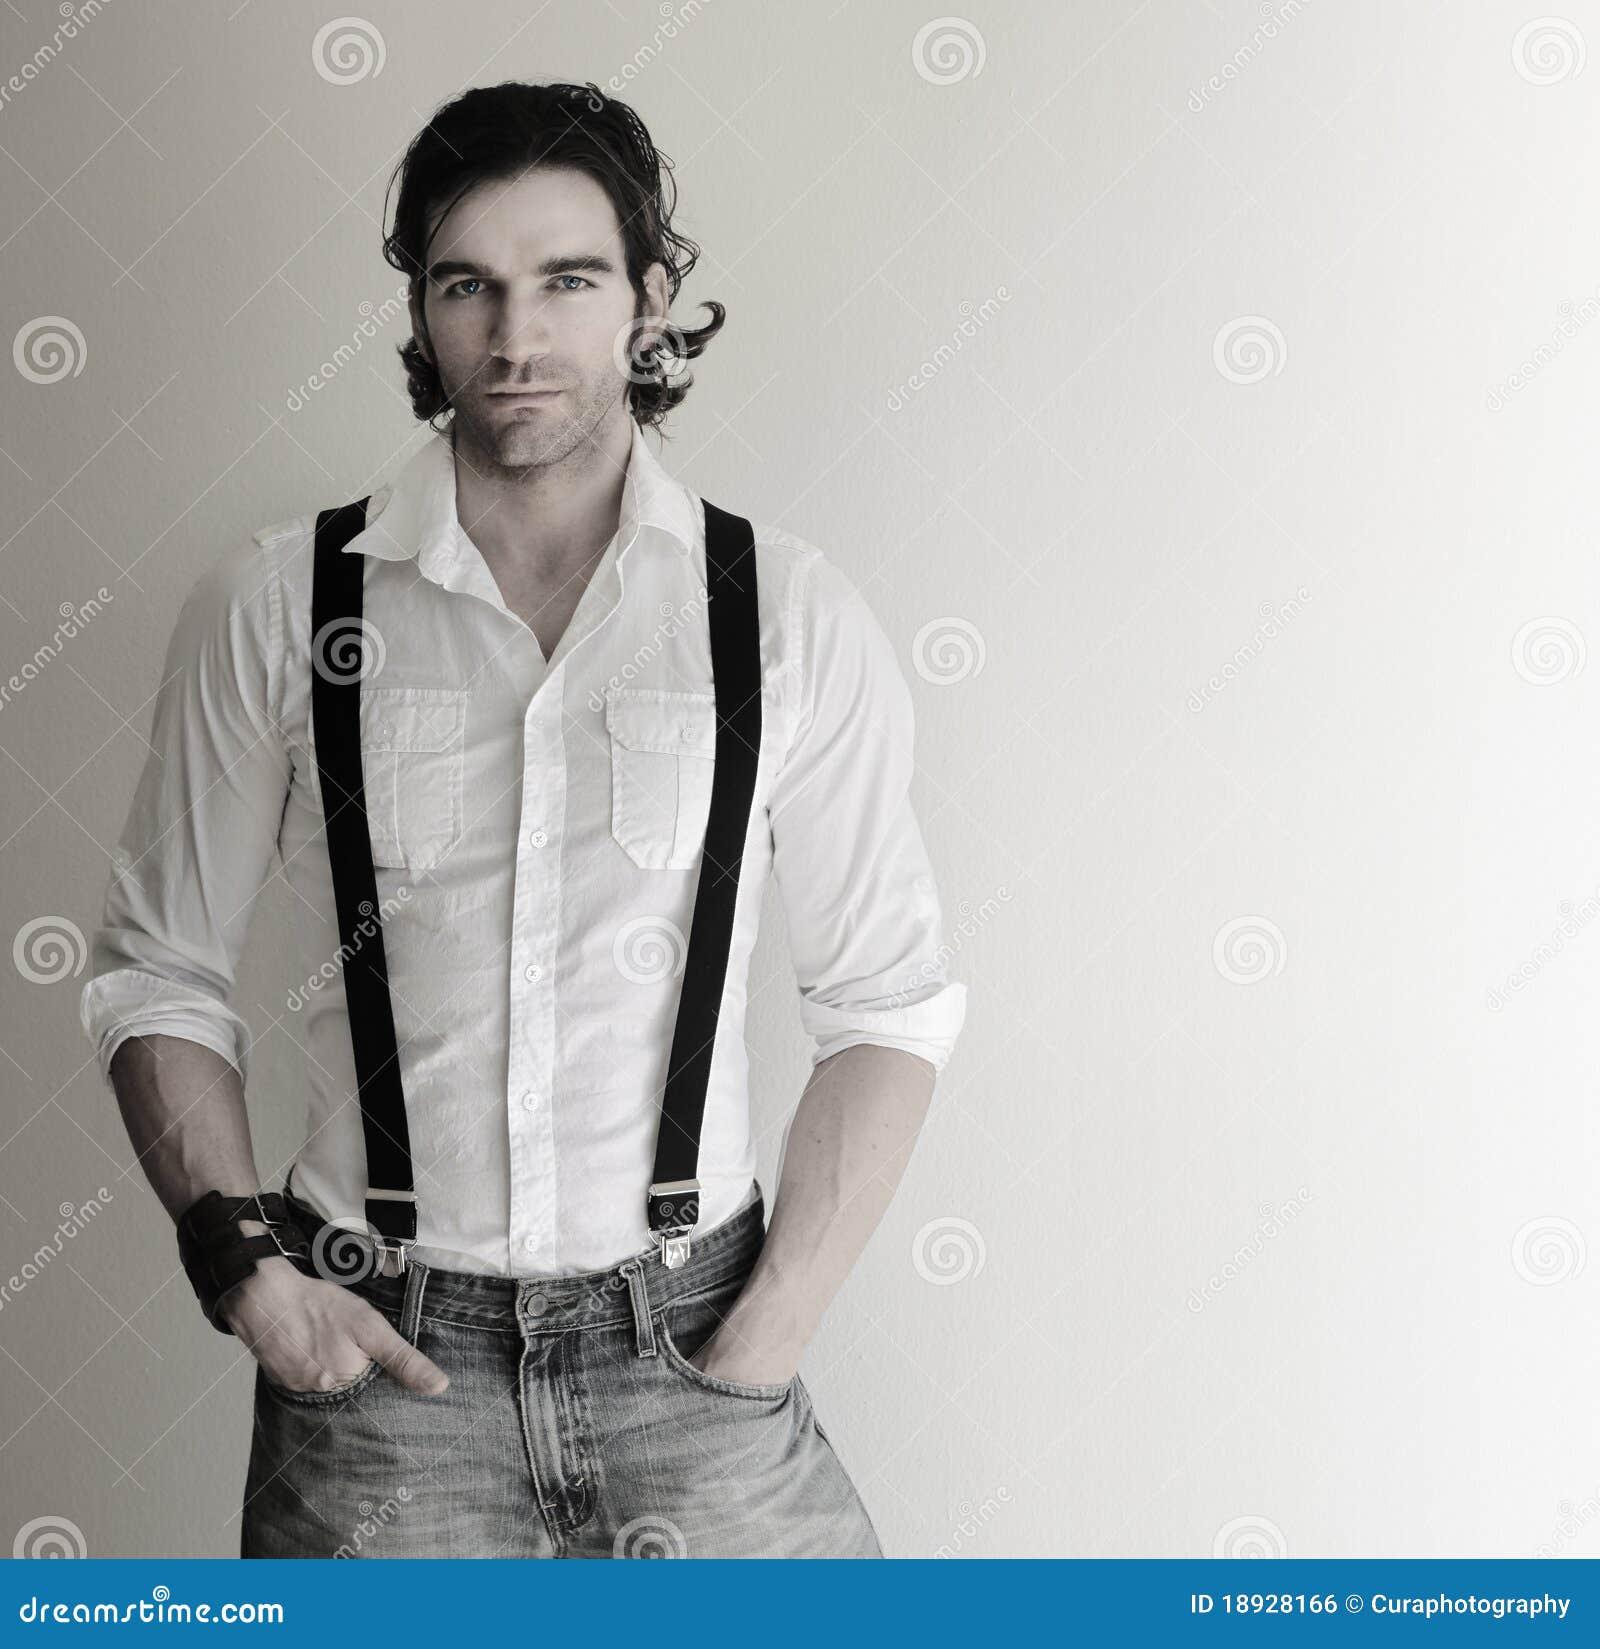 Matrimonio In Jeans Uomo : Uomo in bretelle fotografia stock immagine di ritratto